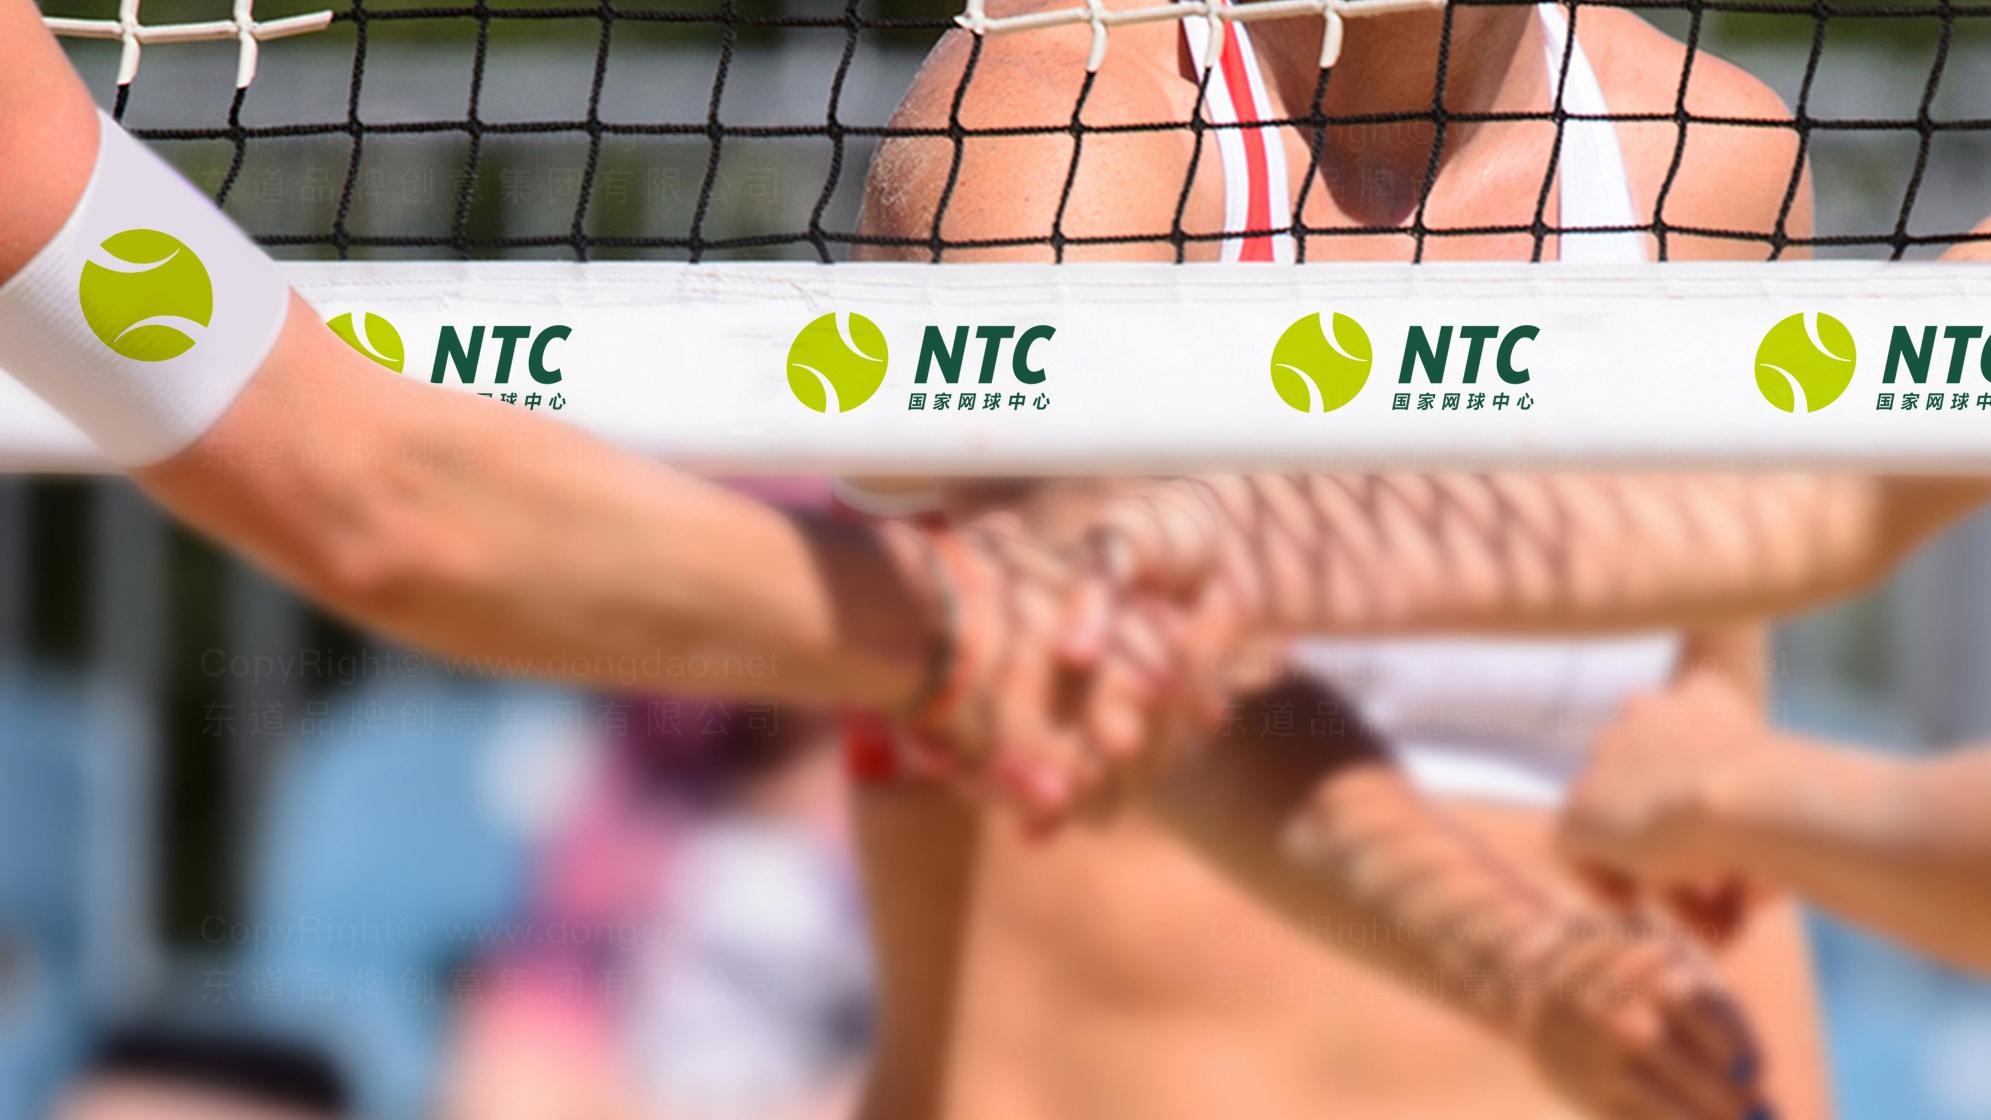 品牌设计国家网球中心标志设计应用场景_7